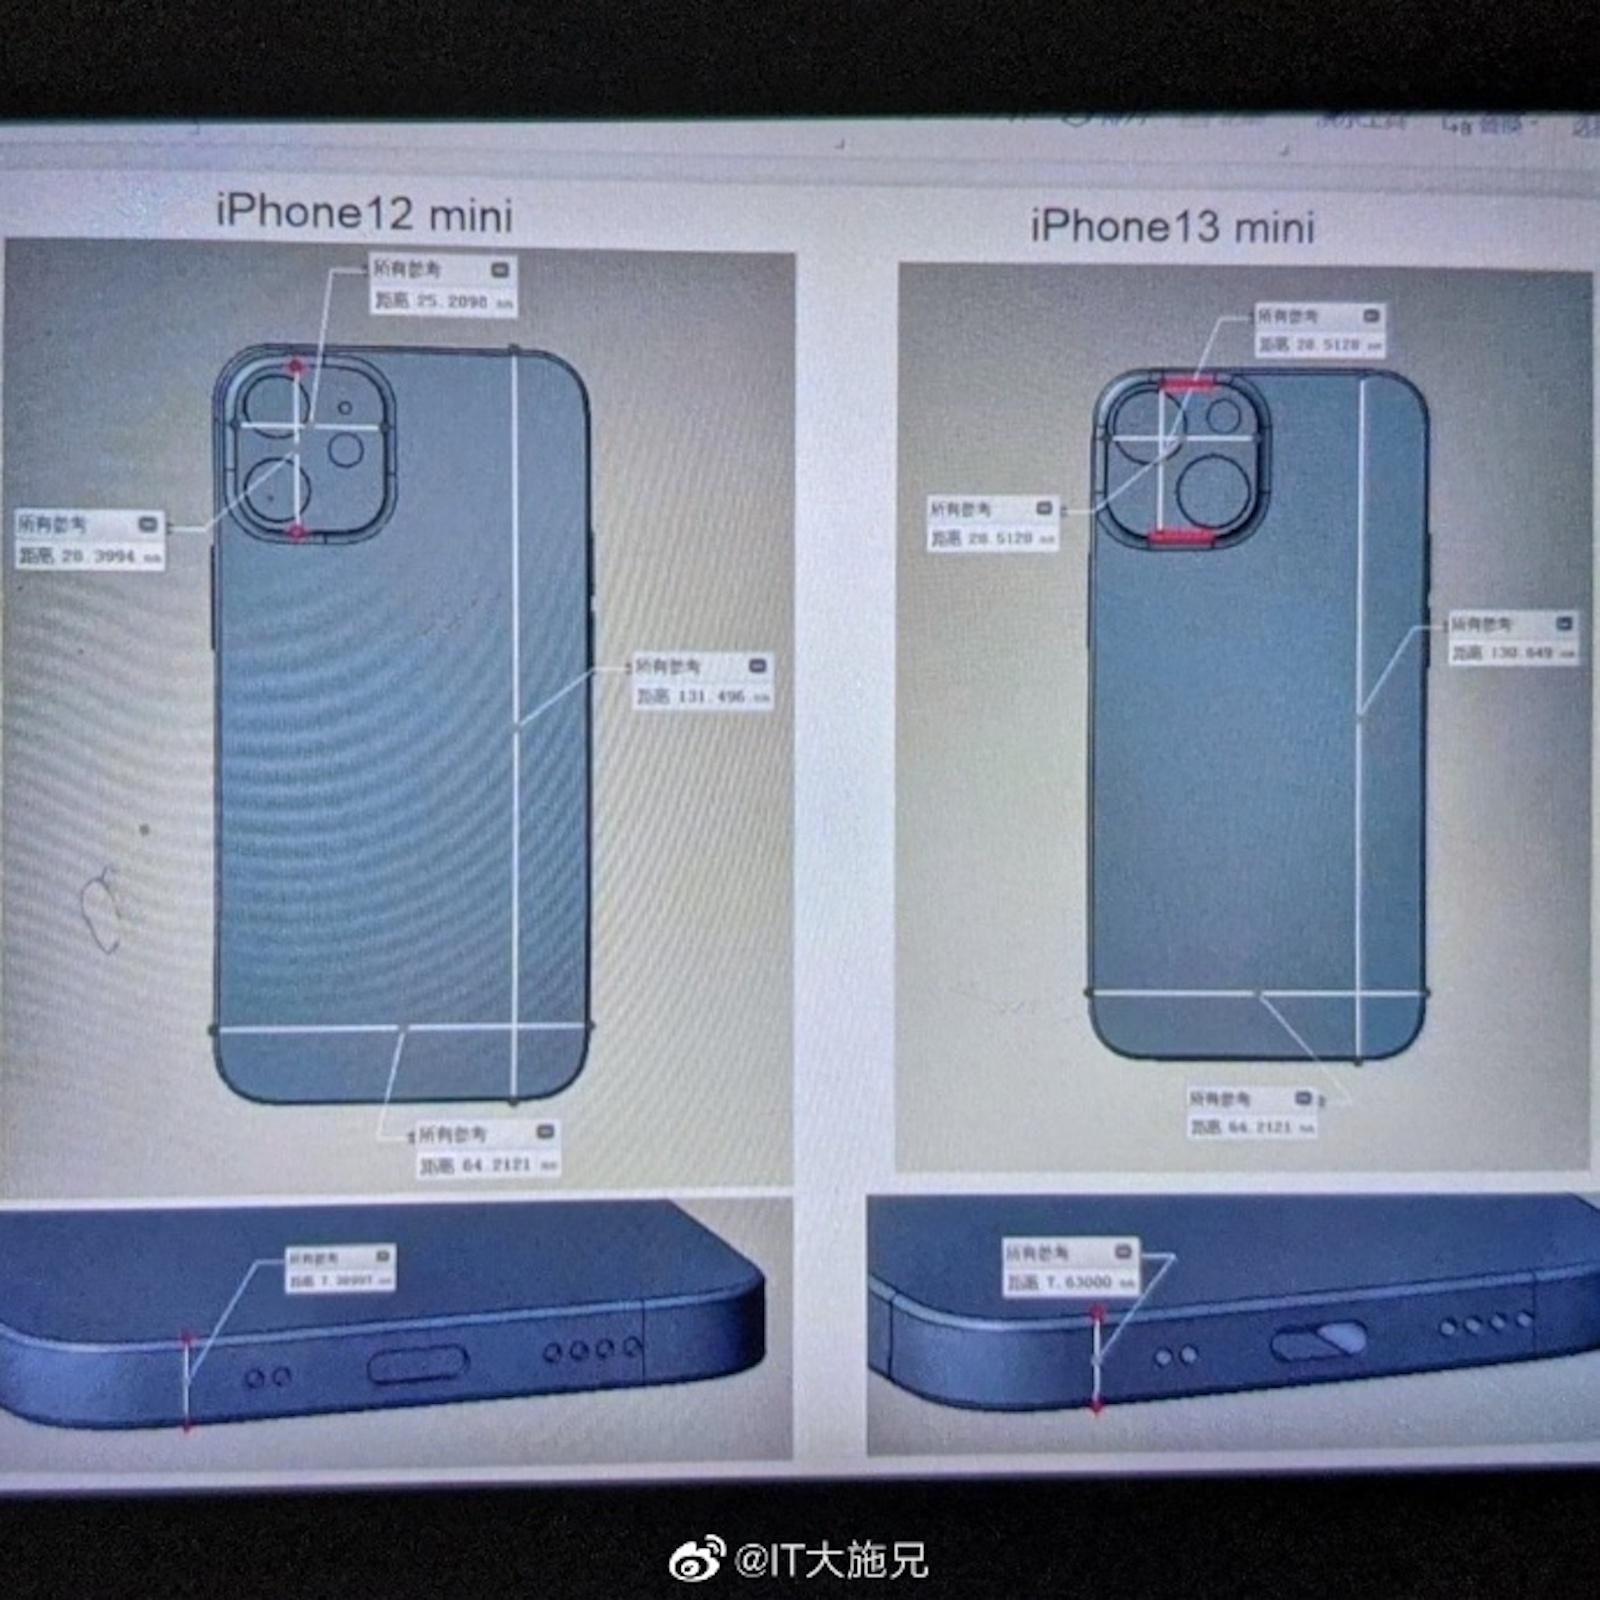 Iphone 13 mini cad image